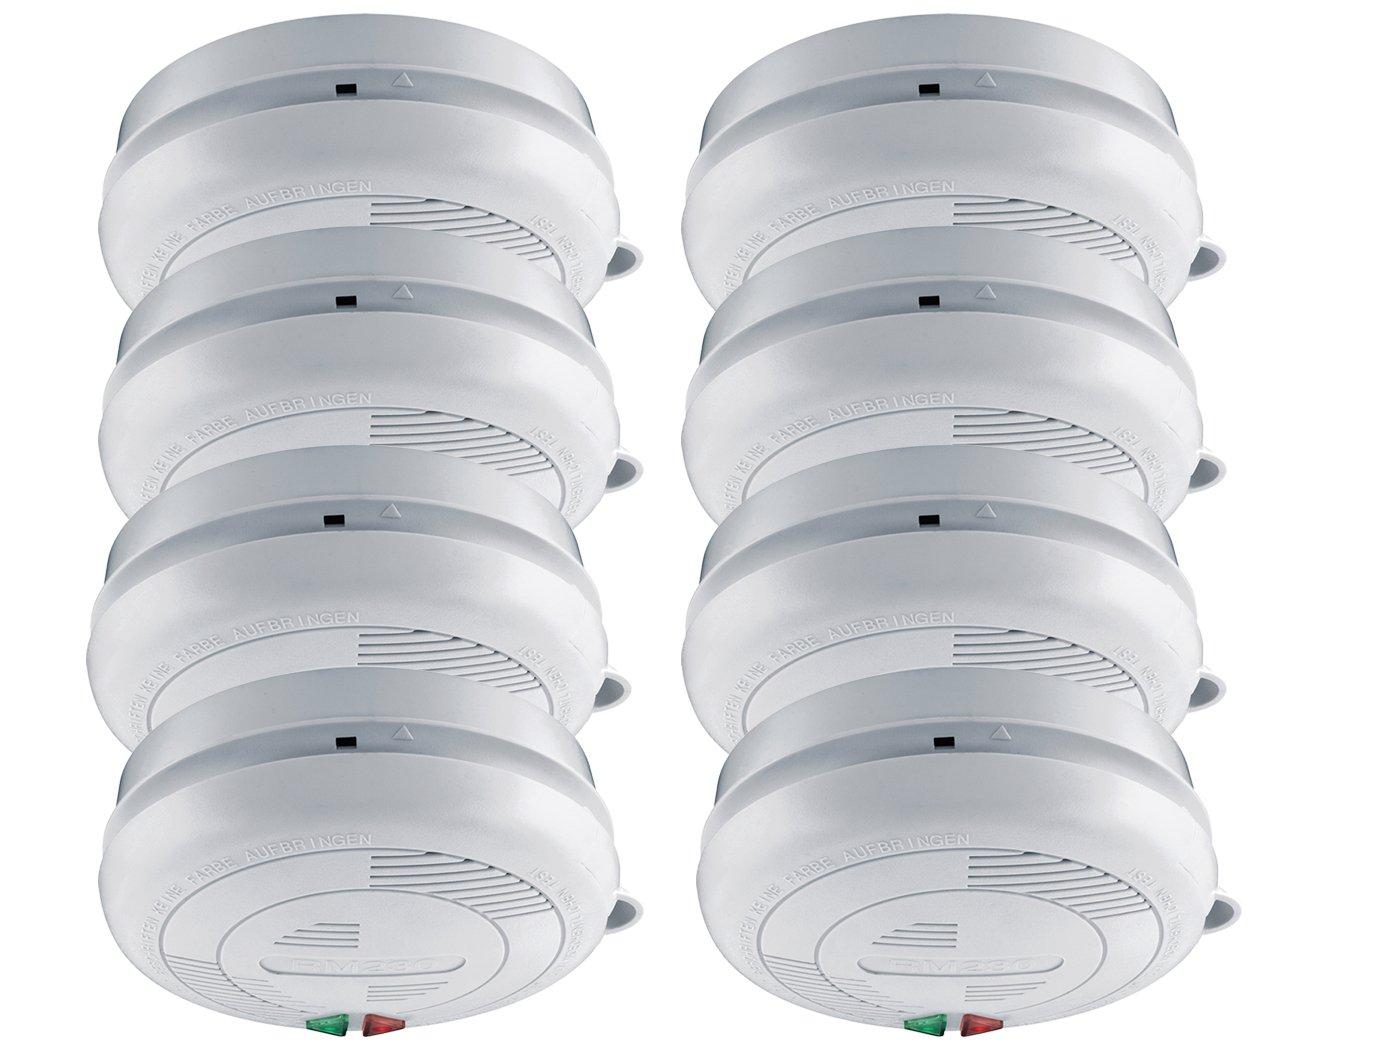 Juego de 8 de acordes/koppelbare Detector de humo con conexión de 230 V + Seguridad batería: Amazon.es: Bricolaje y herramientas